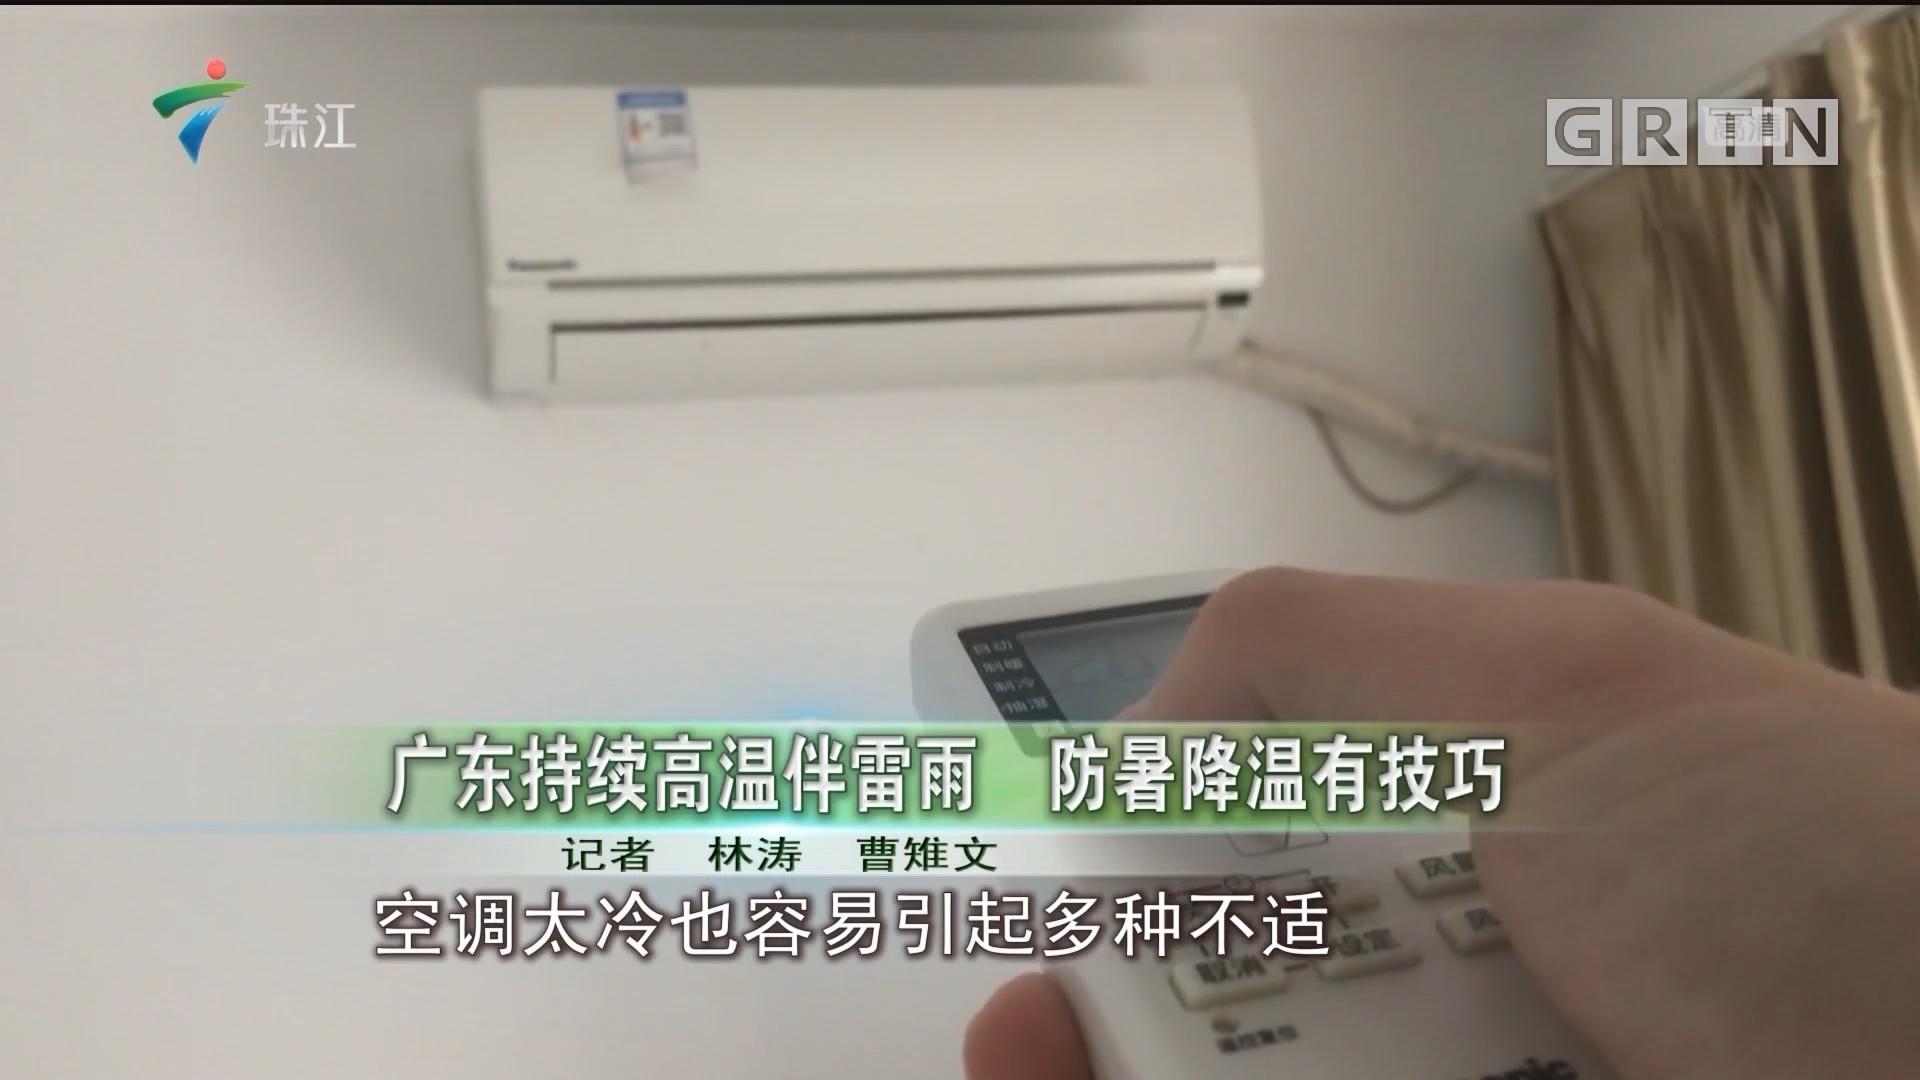 广东持续高温伴雷雨 防暑降温有技巧